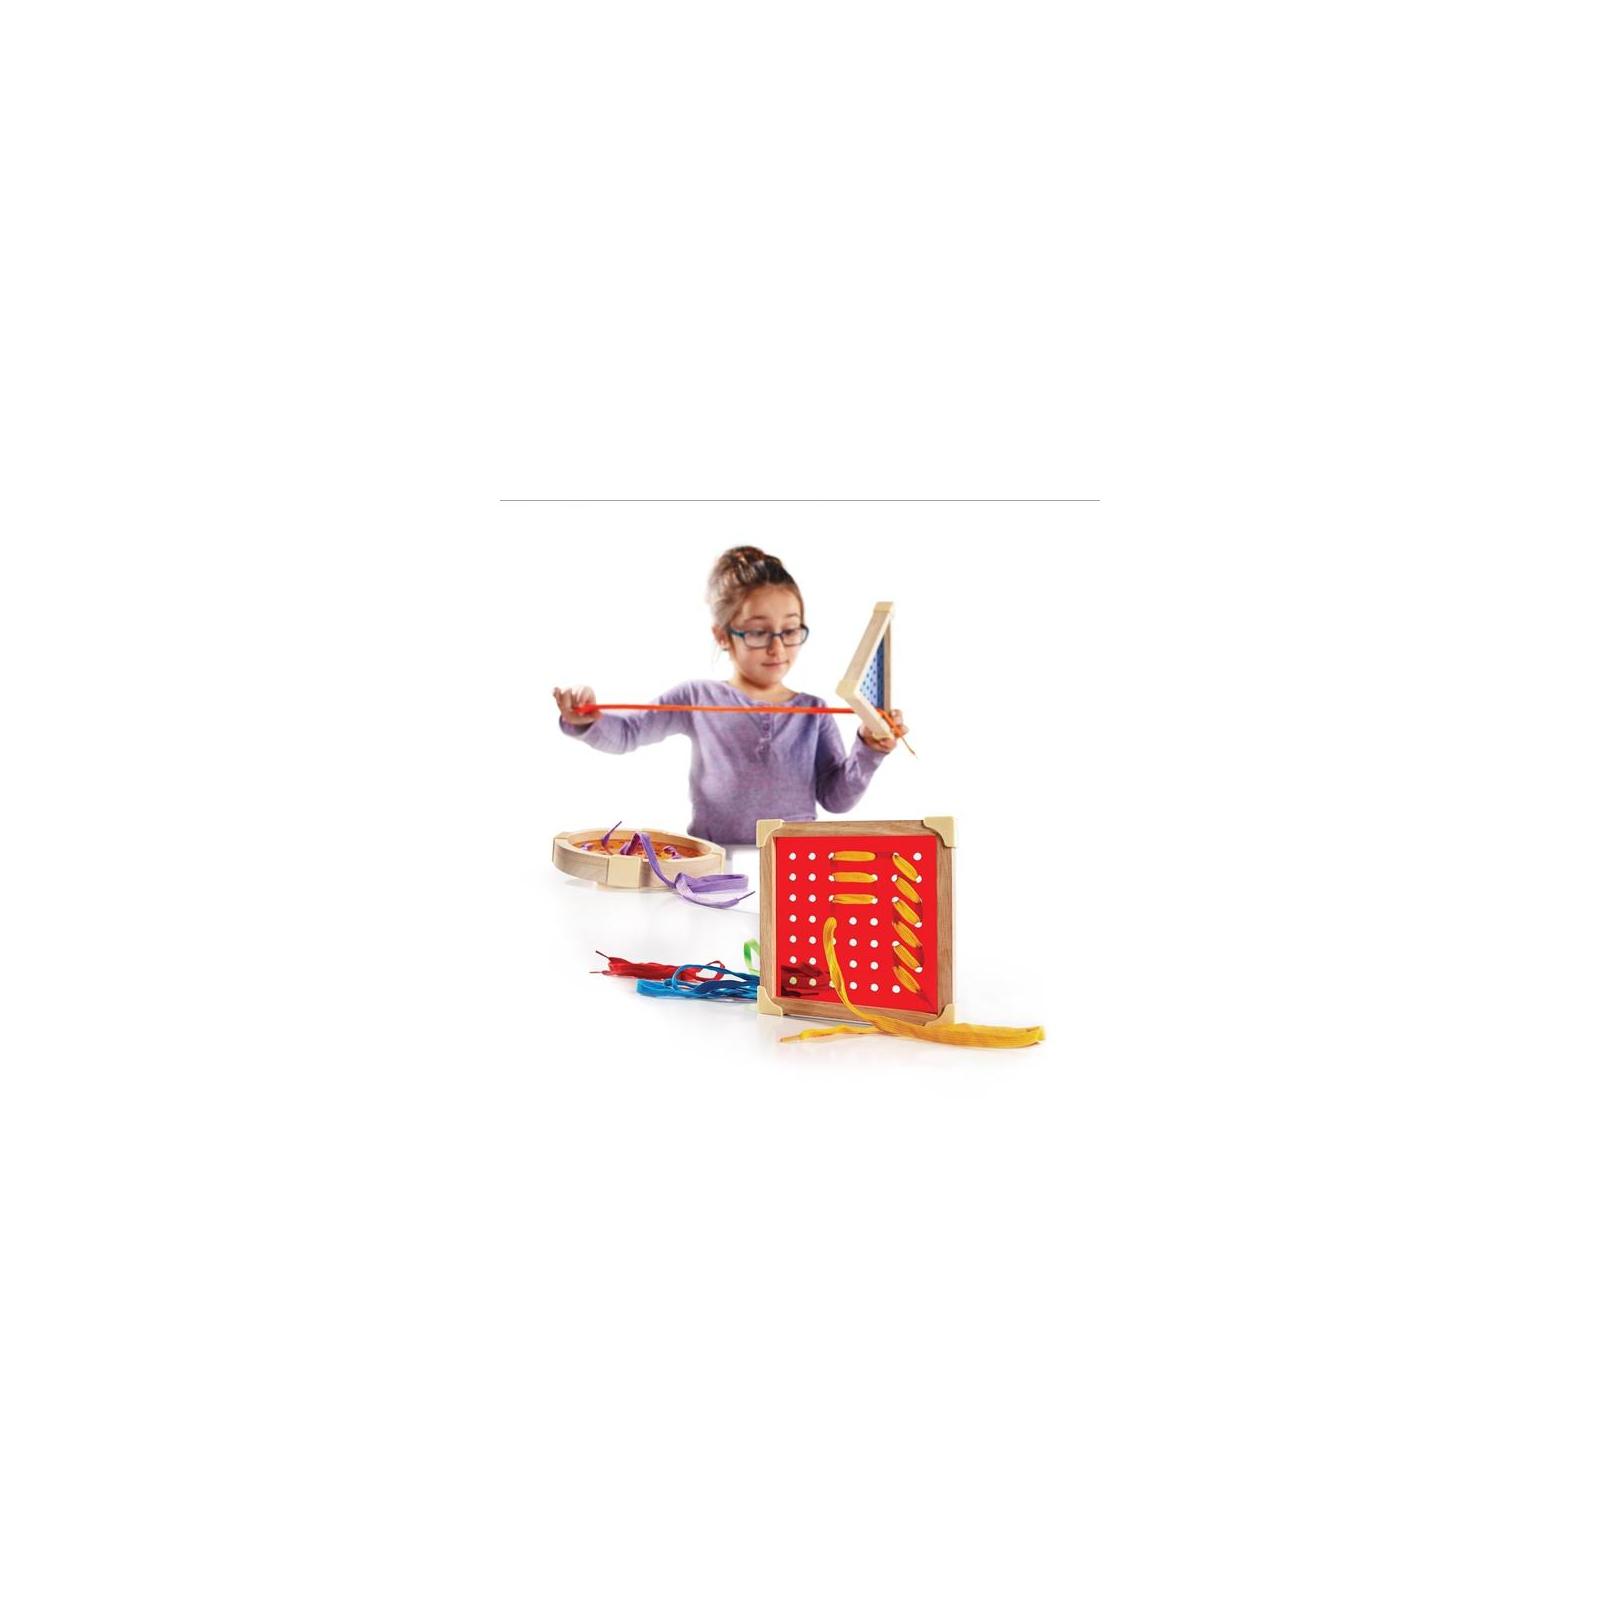 Развивающая игрушка Guidecraft Шнуровка Manipulatives Геометрия (G6801) изображение 3